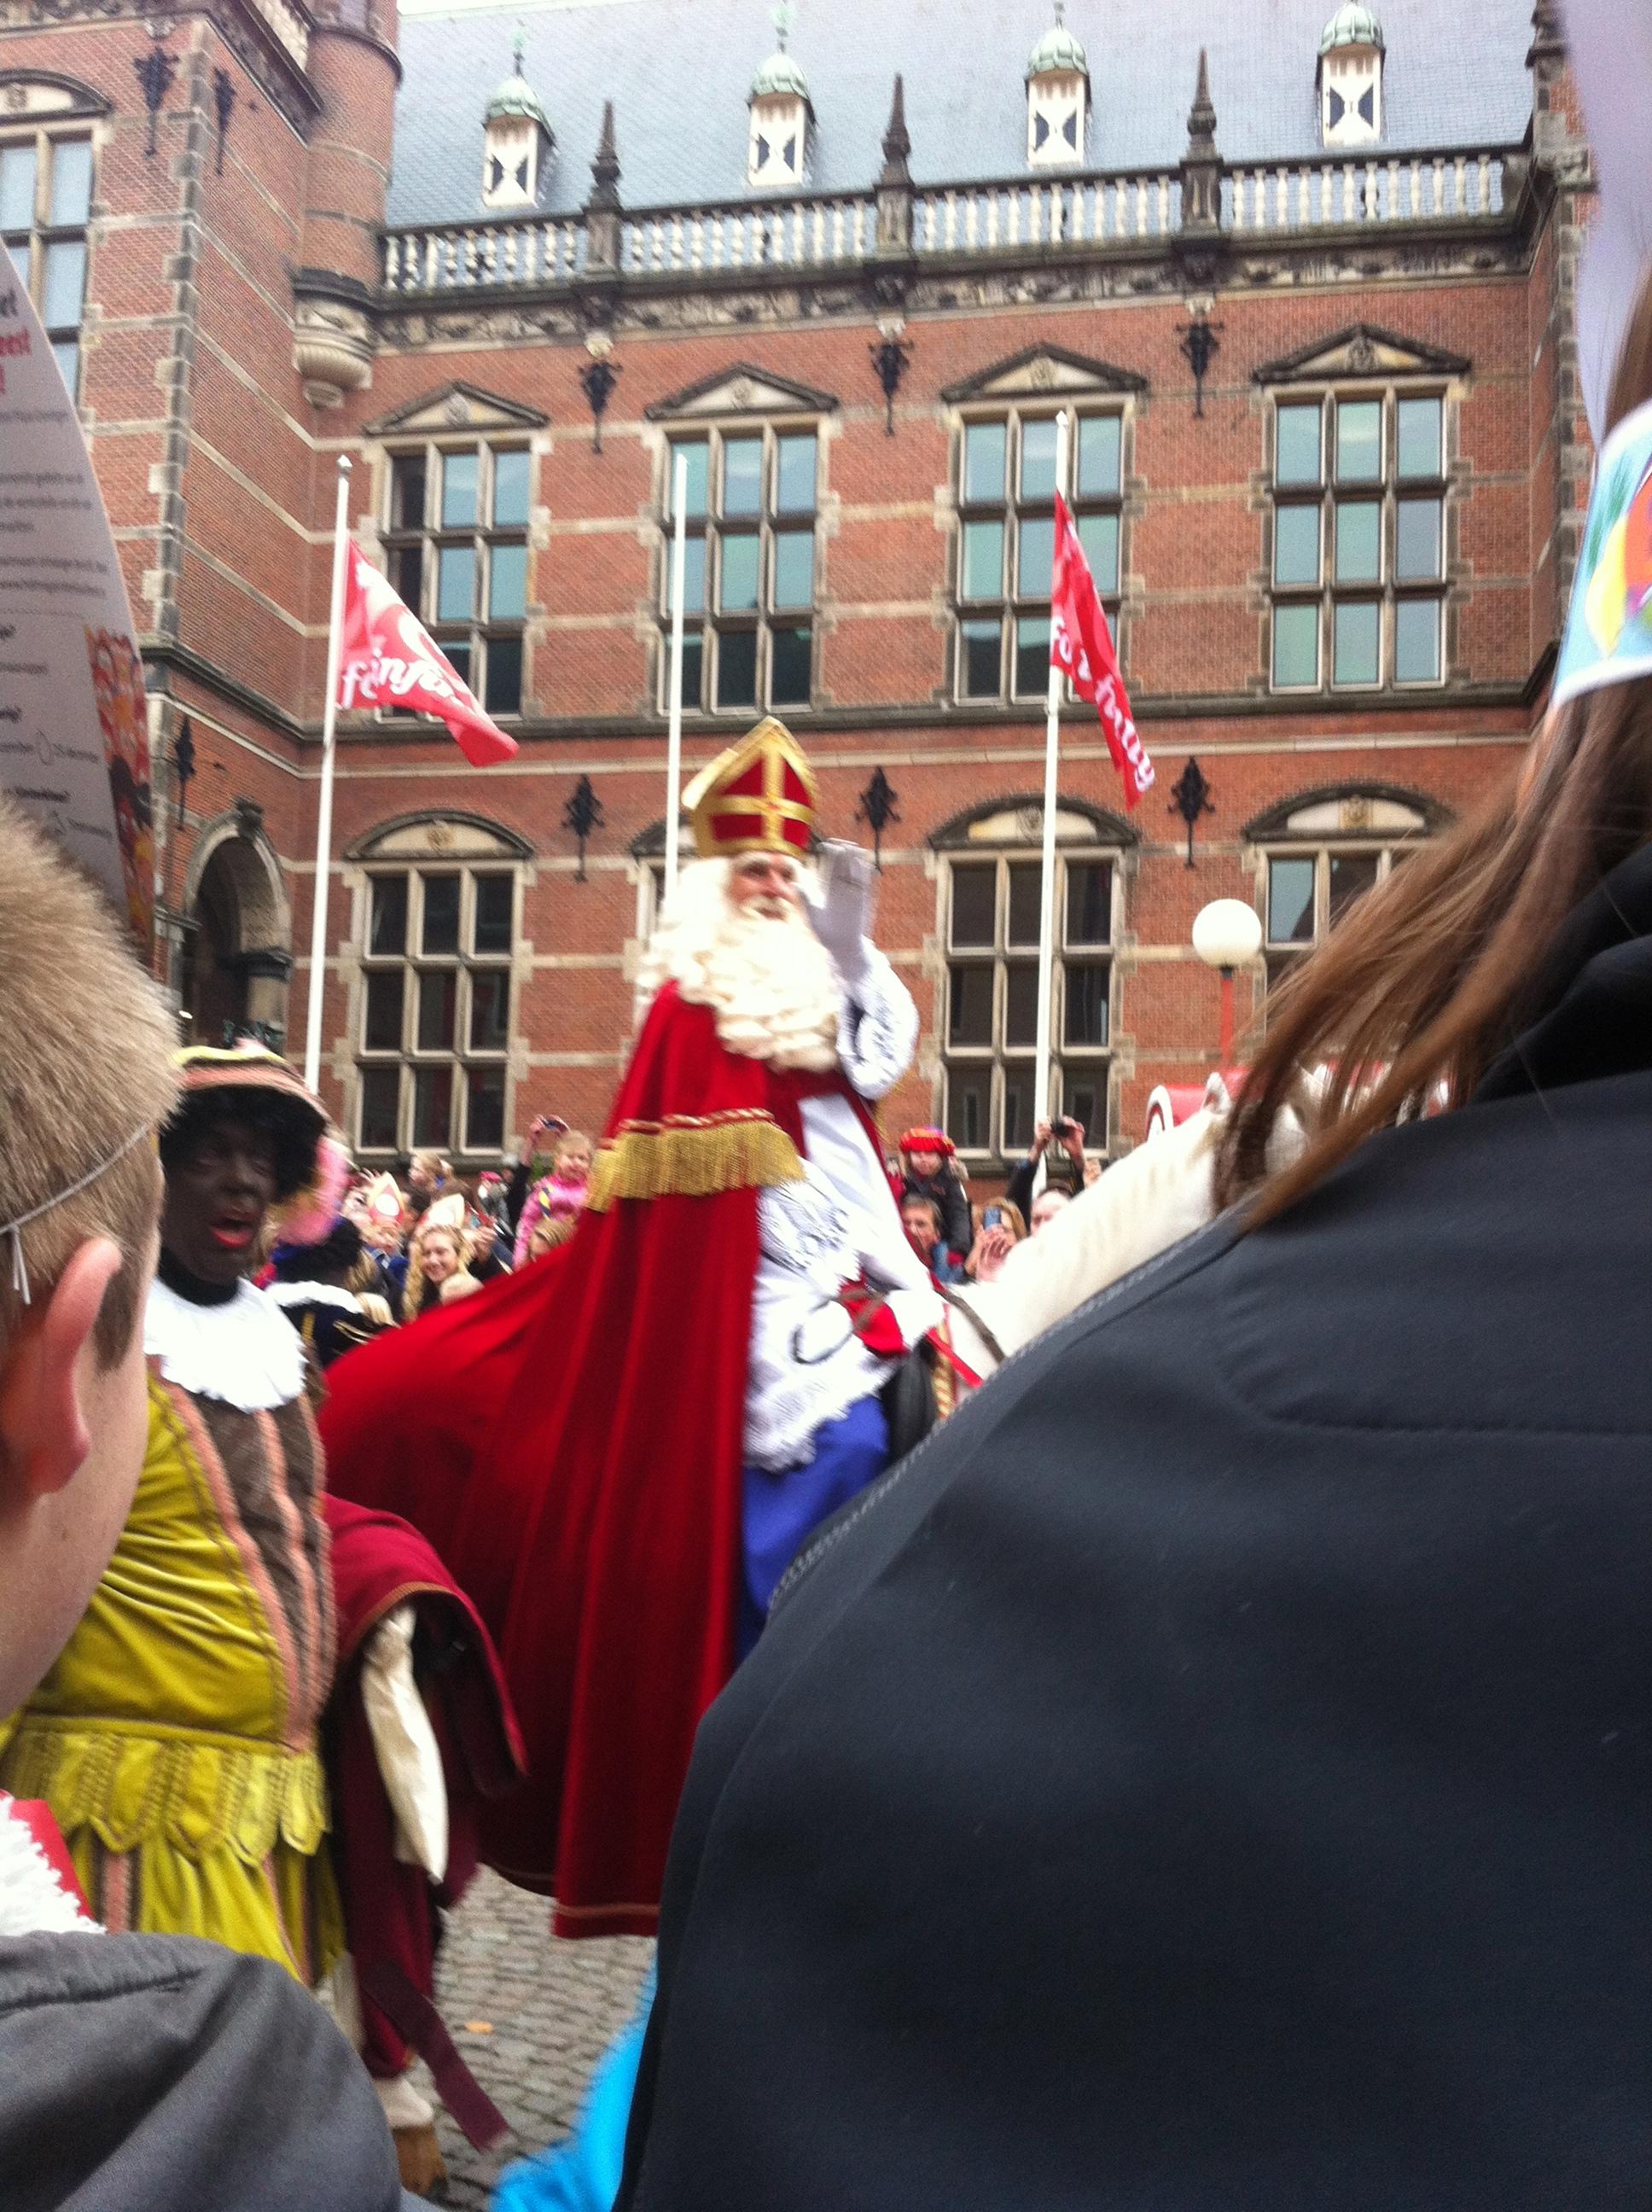 Sinterklaas arrives in Groningen.